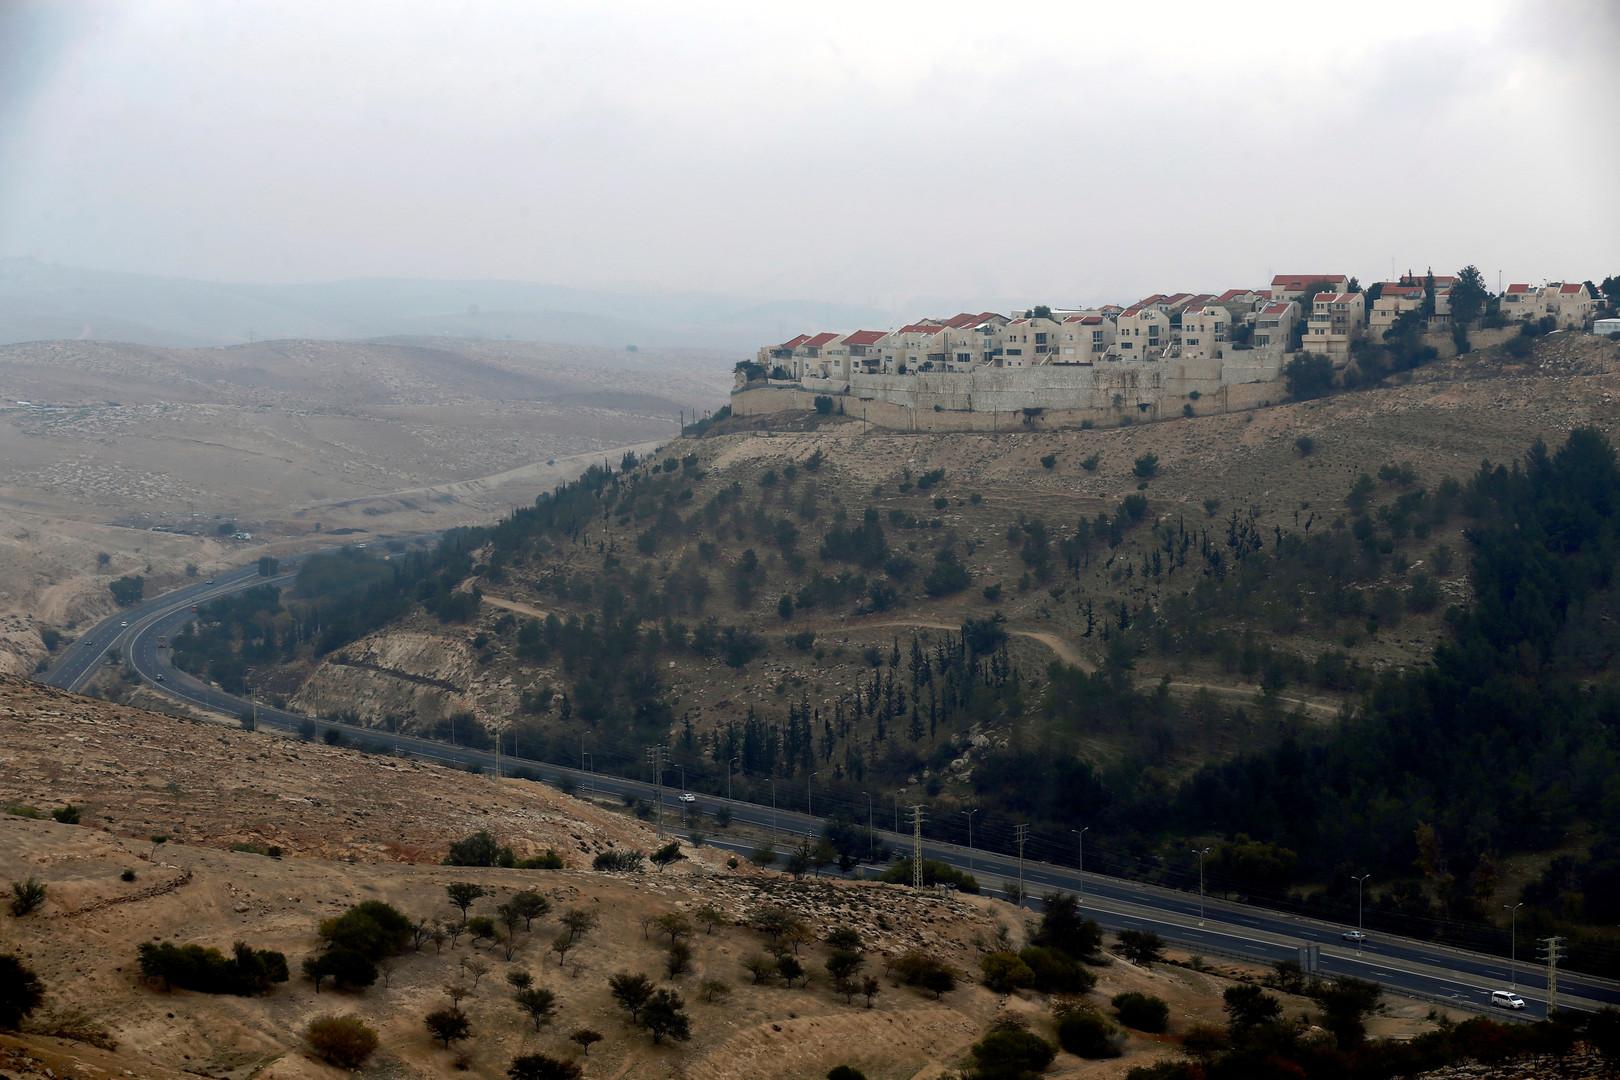 ما هو جوهر قرار منع بناء المستوطنات الإسرائيلية في فلسطين؟